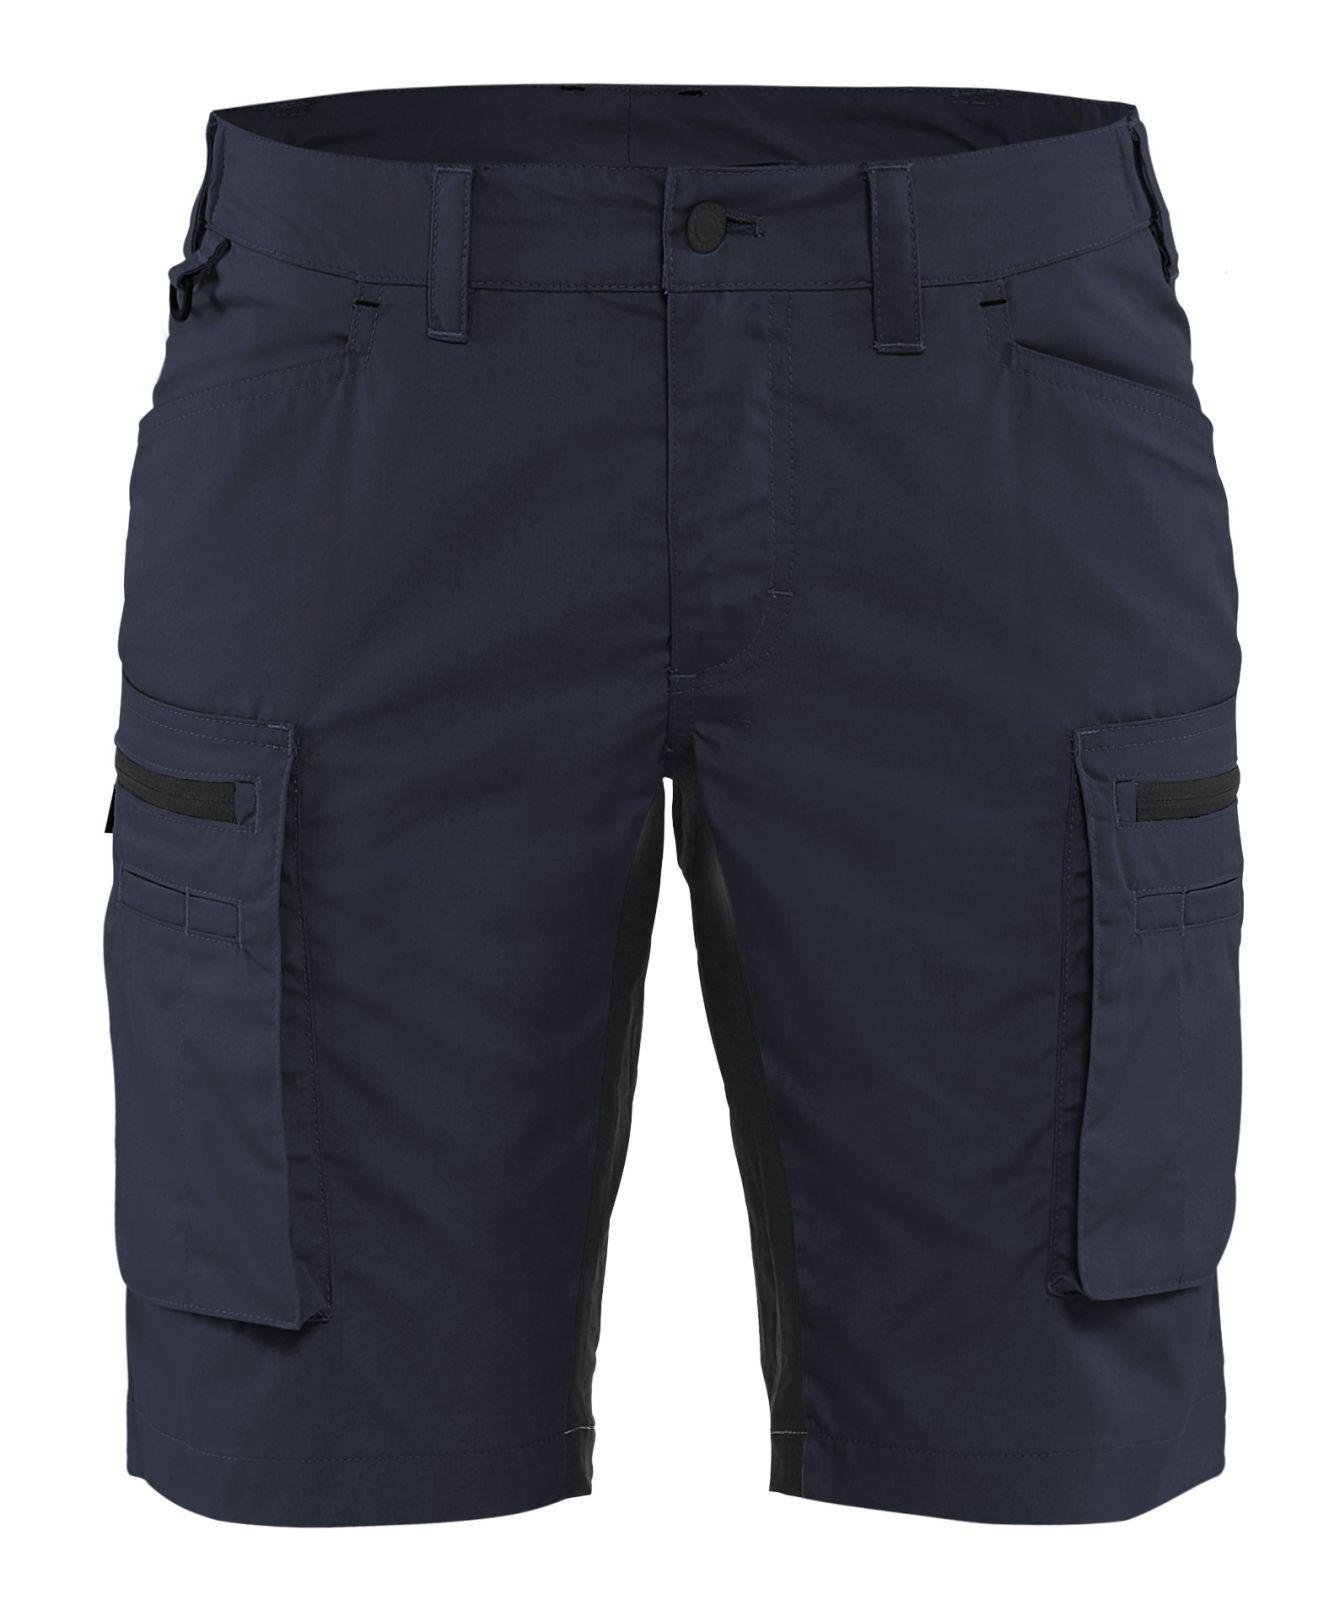 Blaklader Korte dames werkbroeken 71491845 donker marineblauw-zwart(8699)